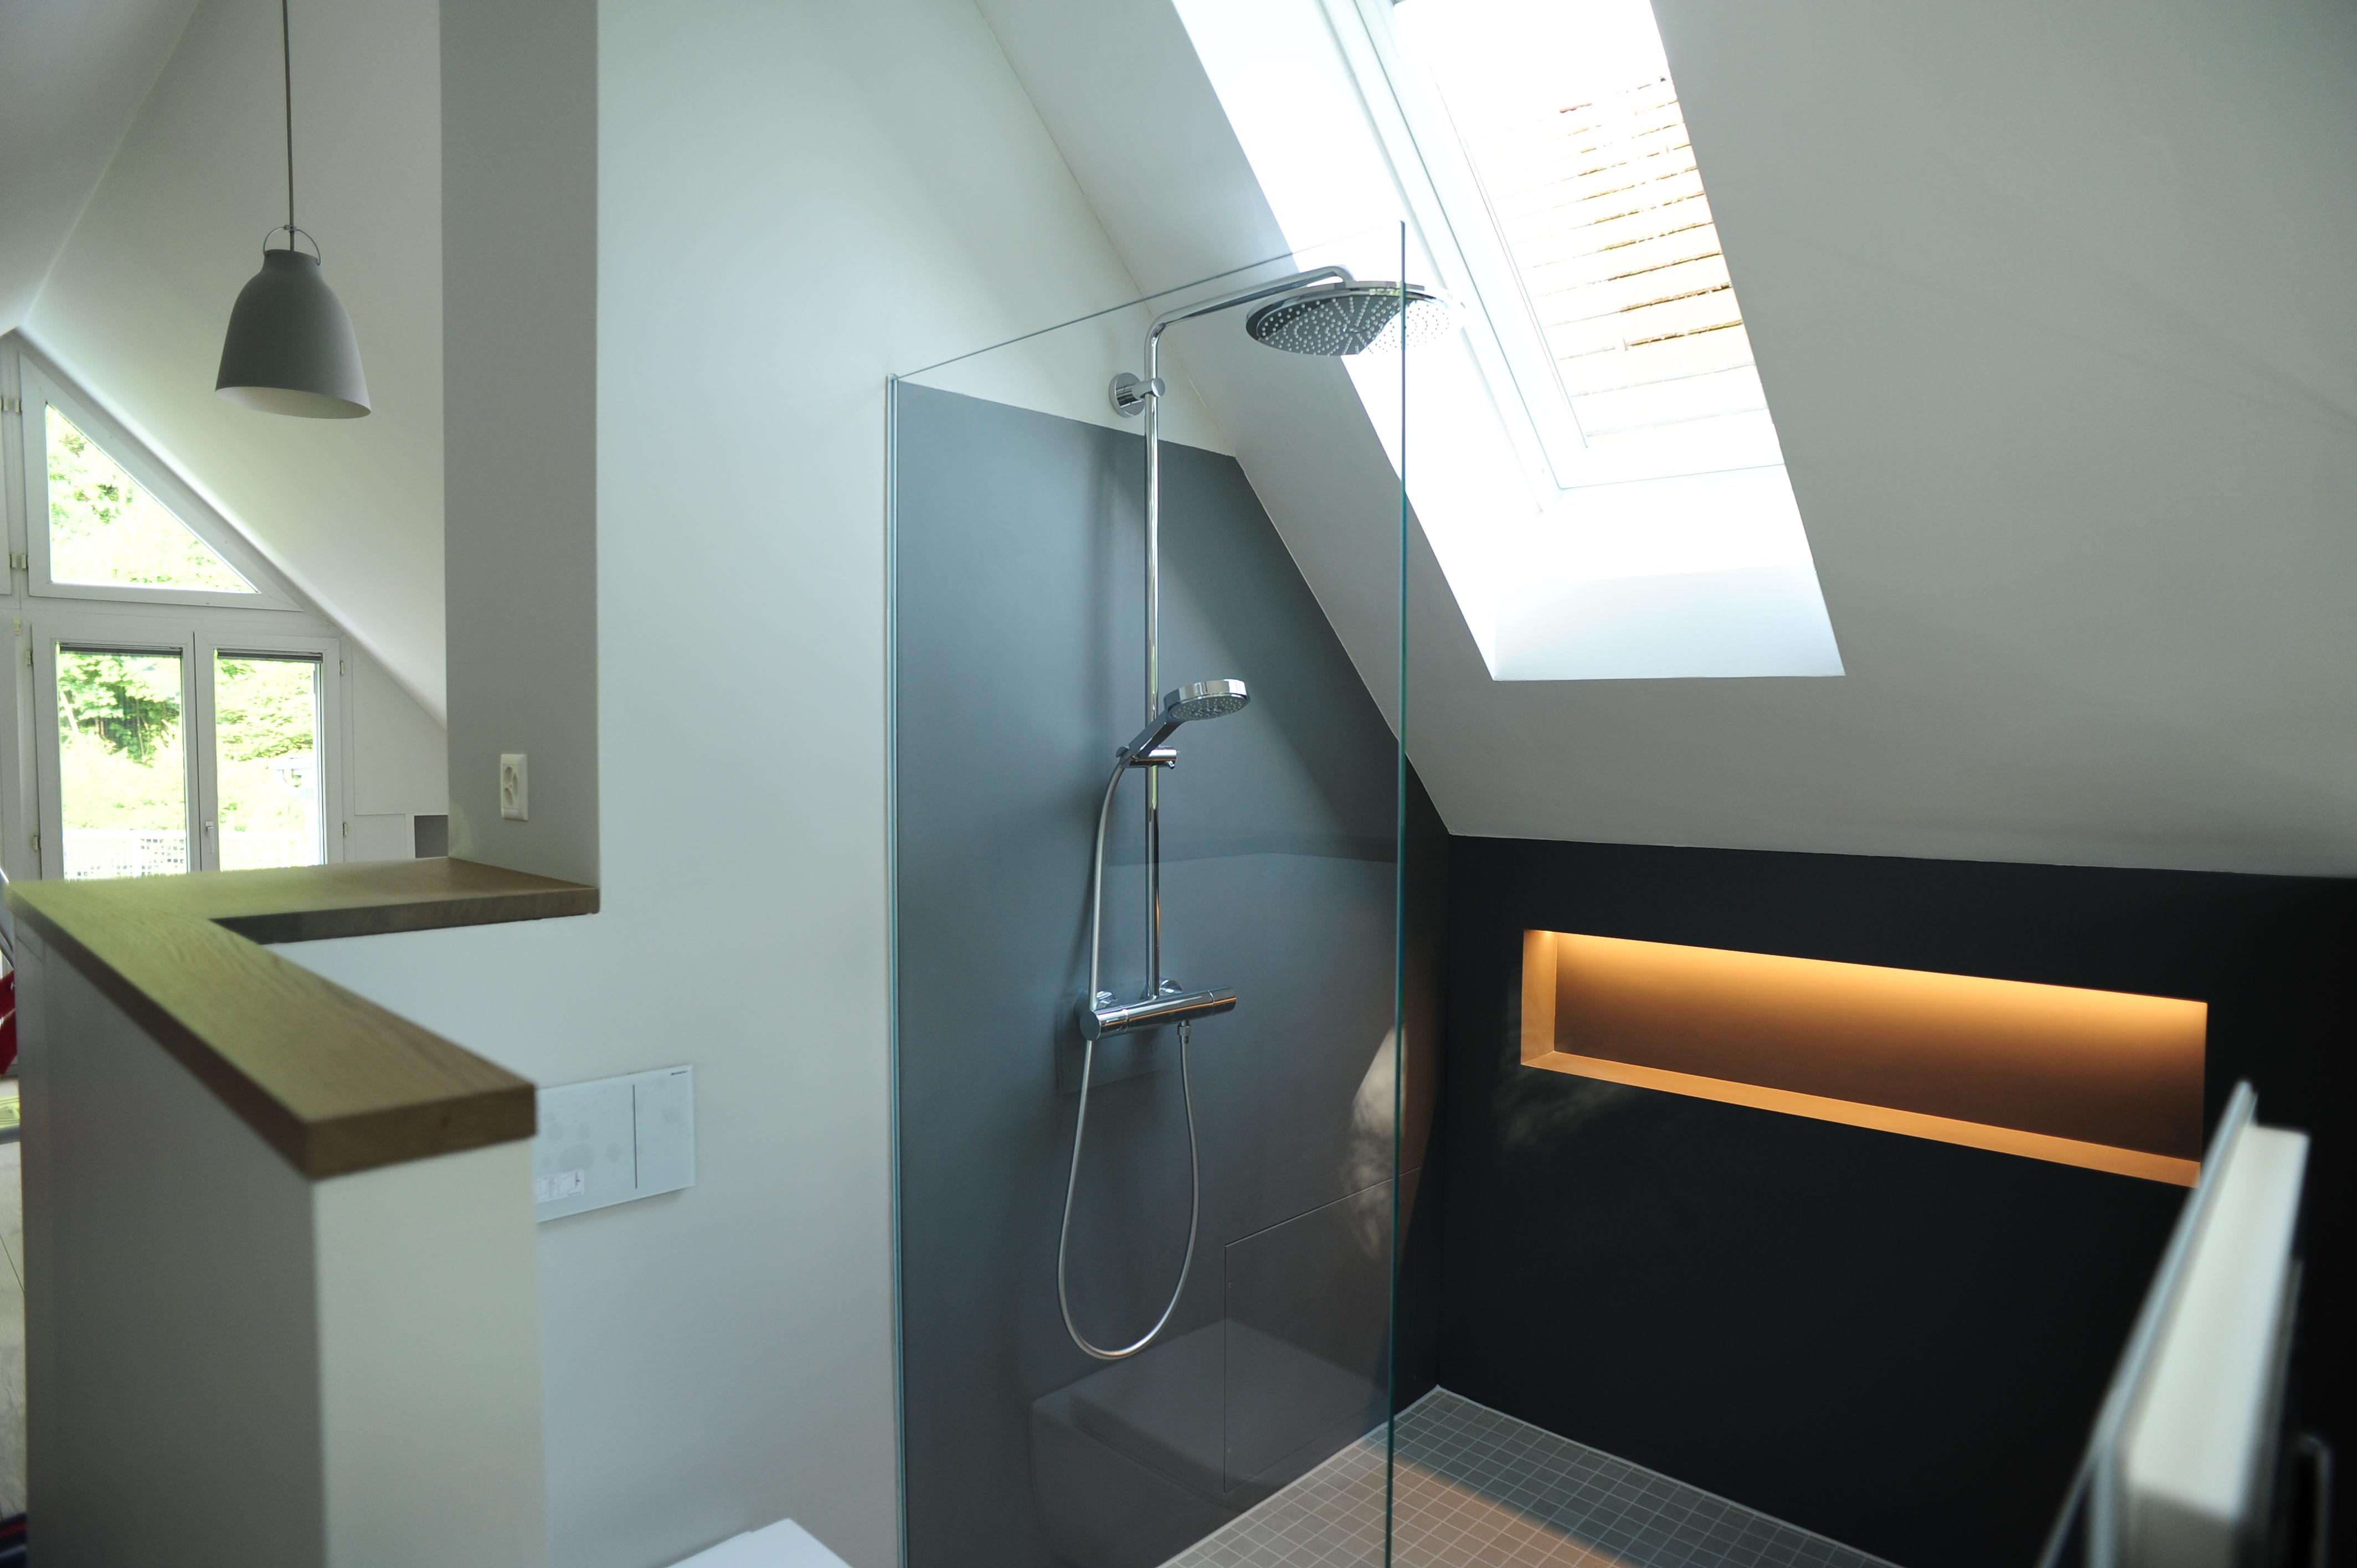 Bad in Dachschräge – Küche Bad Design GmbH